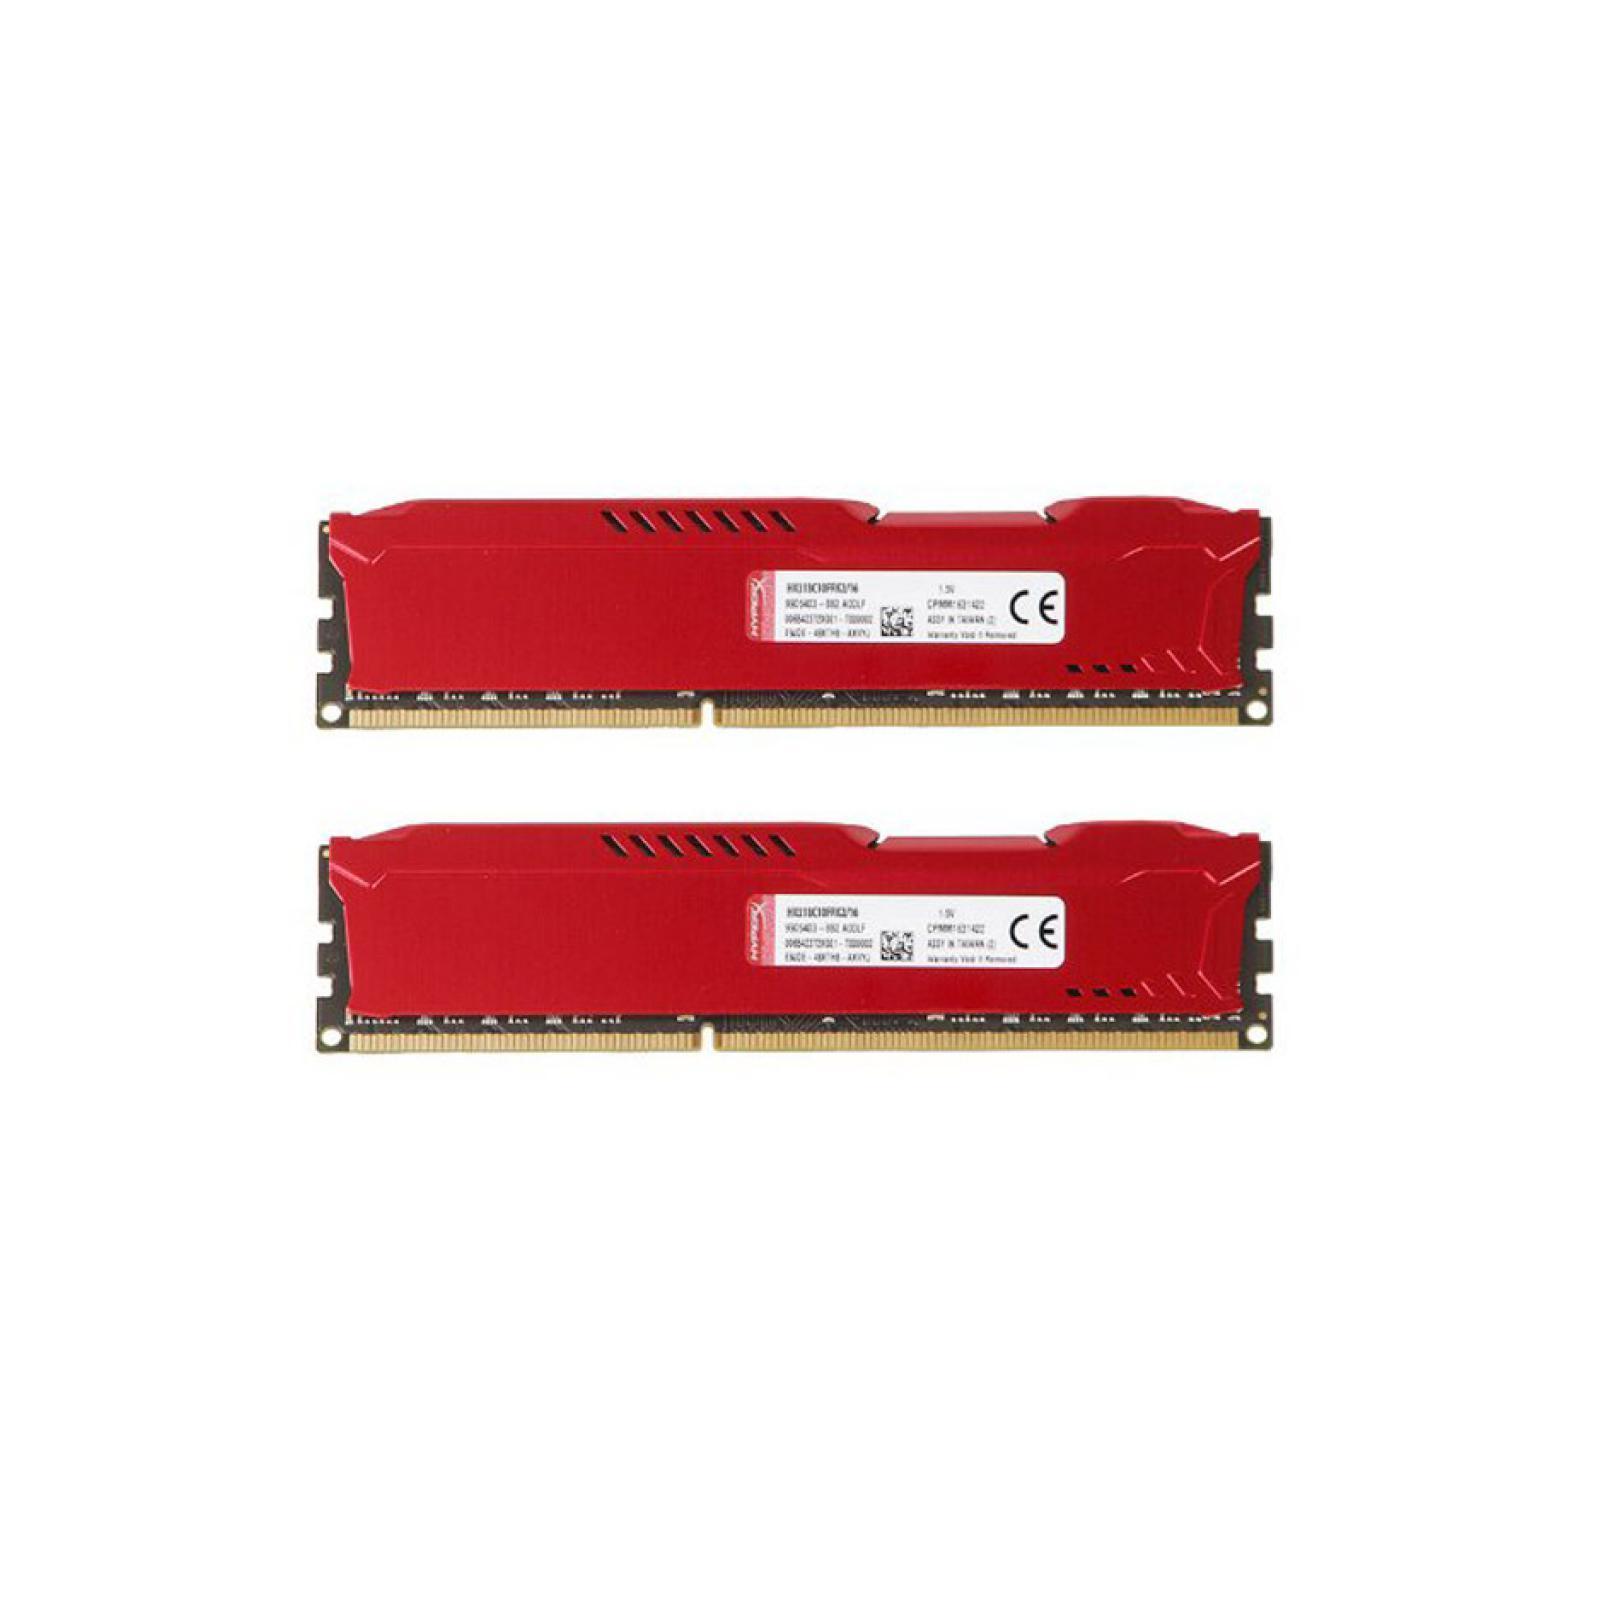 Модуль памяти для компьютера DDR4 32GB (4x8GB) 2933 MHz HyperX FURY Red HyperX (Kingston Fury) (HX429C17FR2K4/32) изображение 4